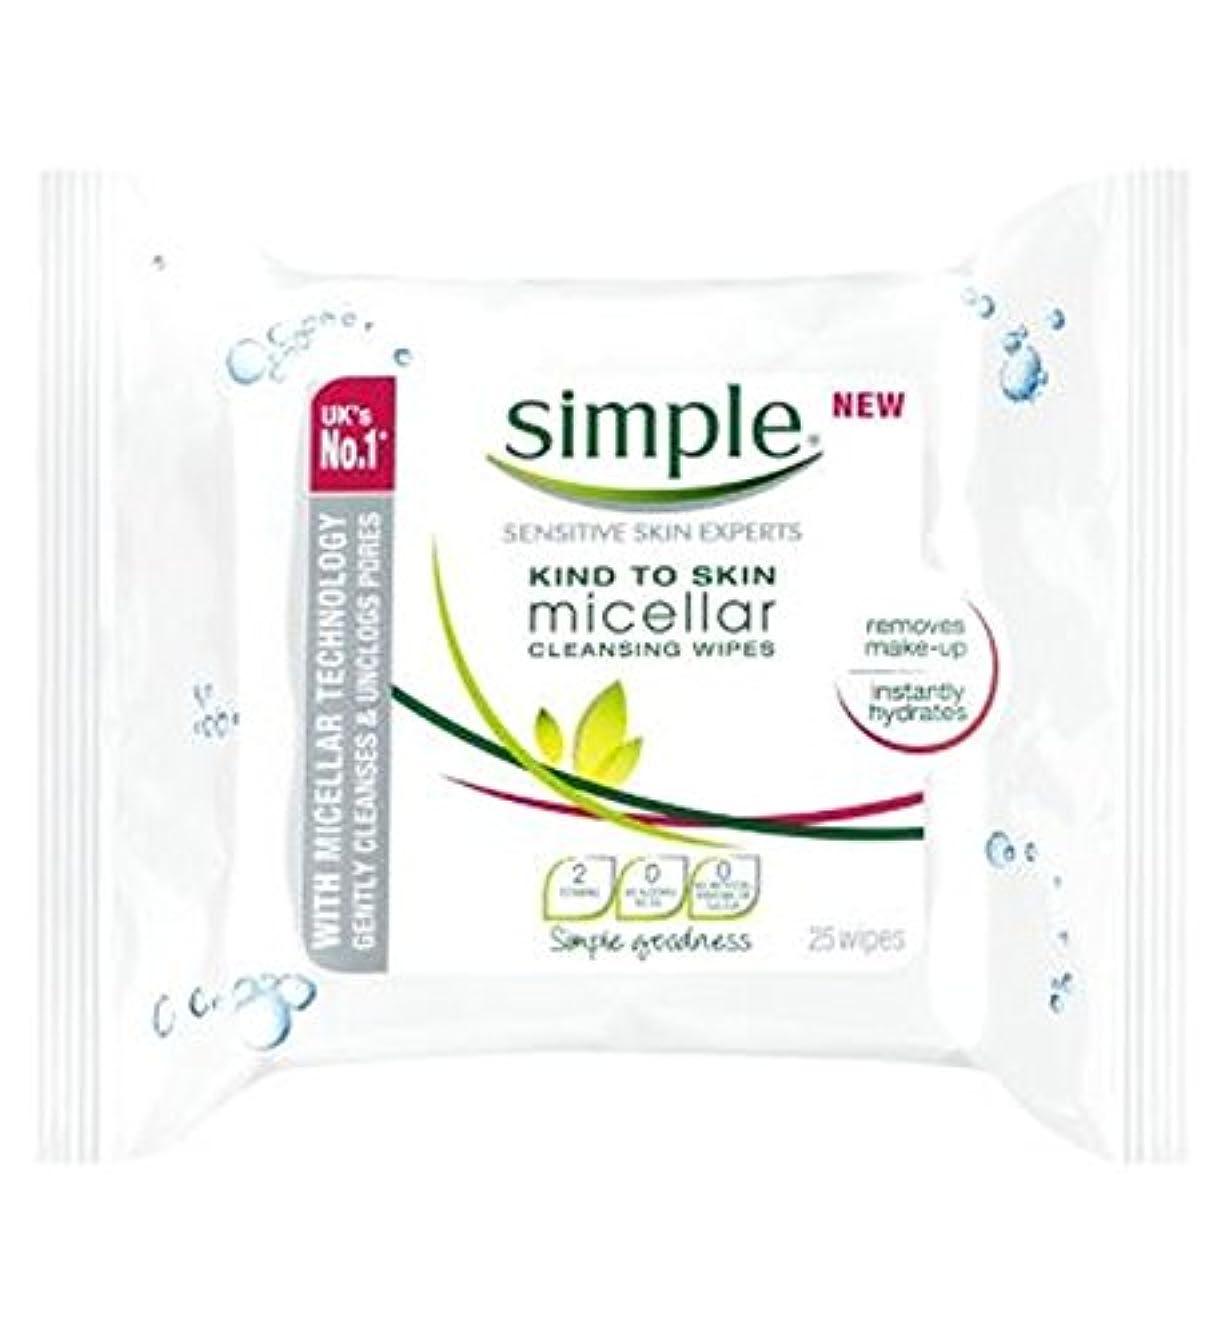 地理かわすヘア皮膚ミセルクレンジングへの単純な種類がワイプ - 25ワイプ (Simple) (x2) - Simple Kind To Skin Micellar Cleansing Wipes - 25 wipes (Pack of...